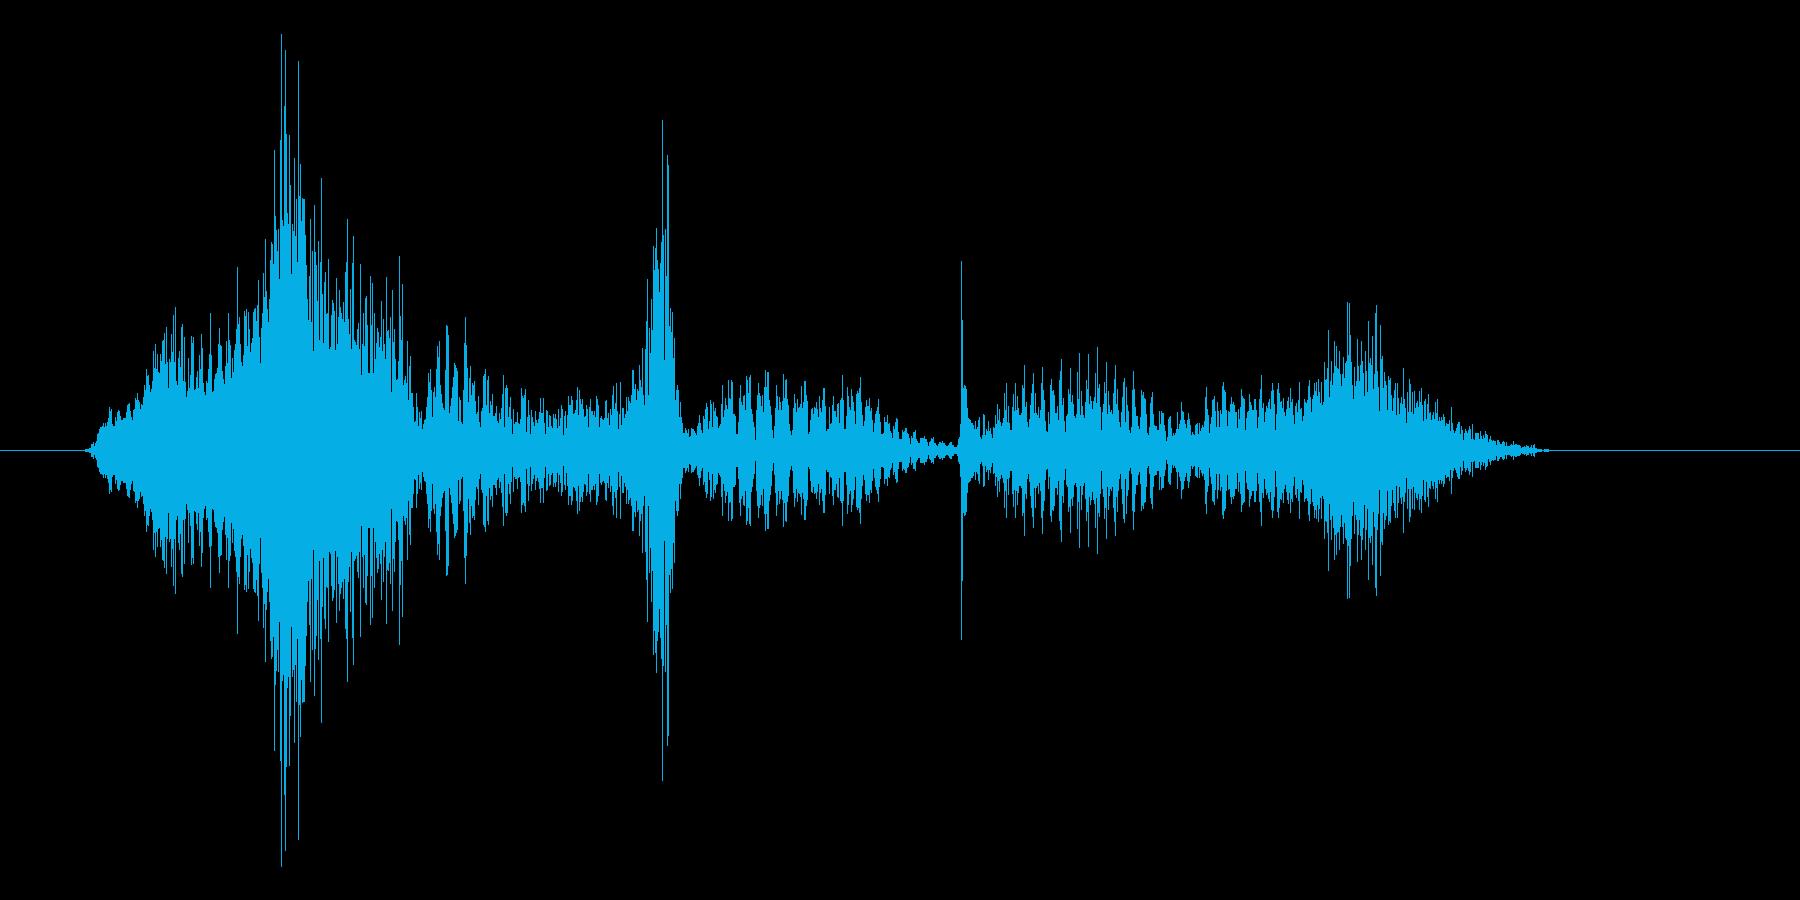 ロボット声 「ミッション成功です」の再生済みの波形